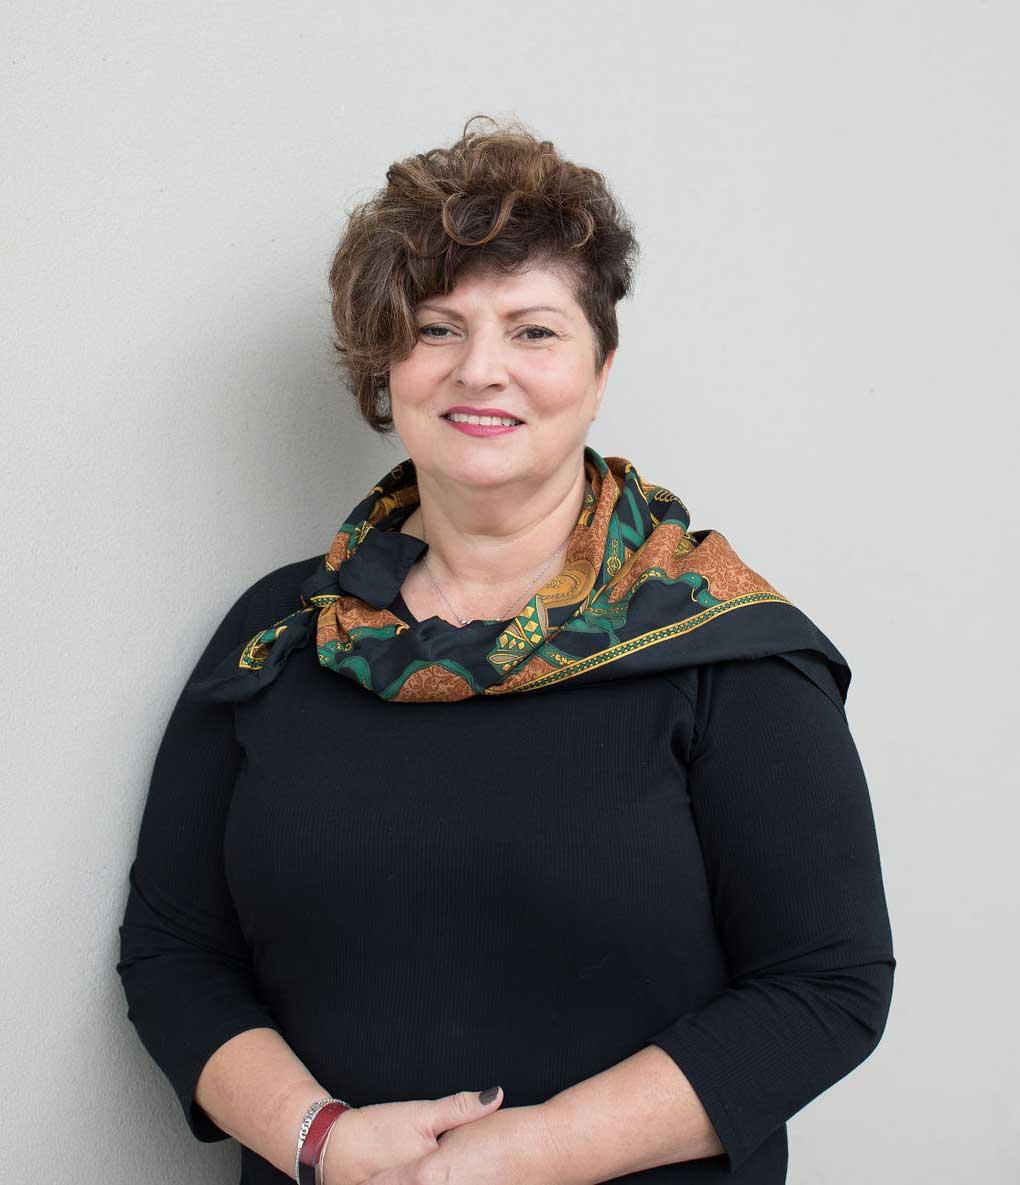 Rosemary Roda